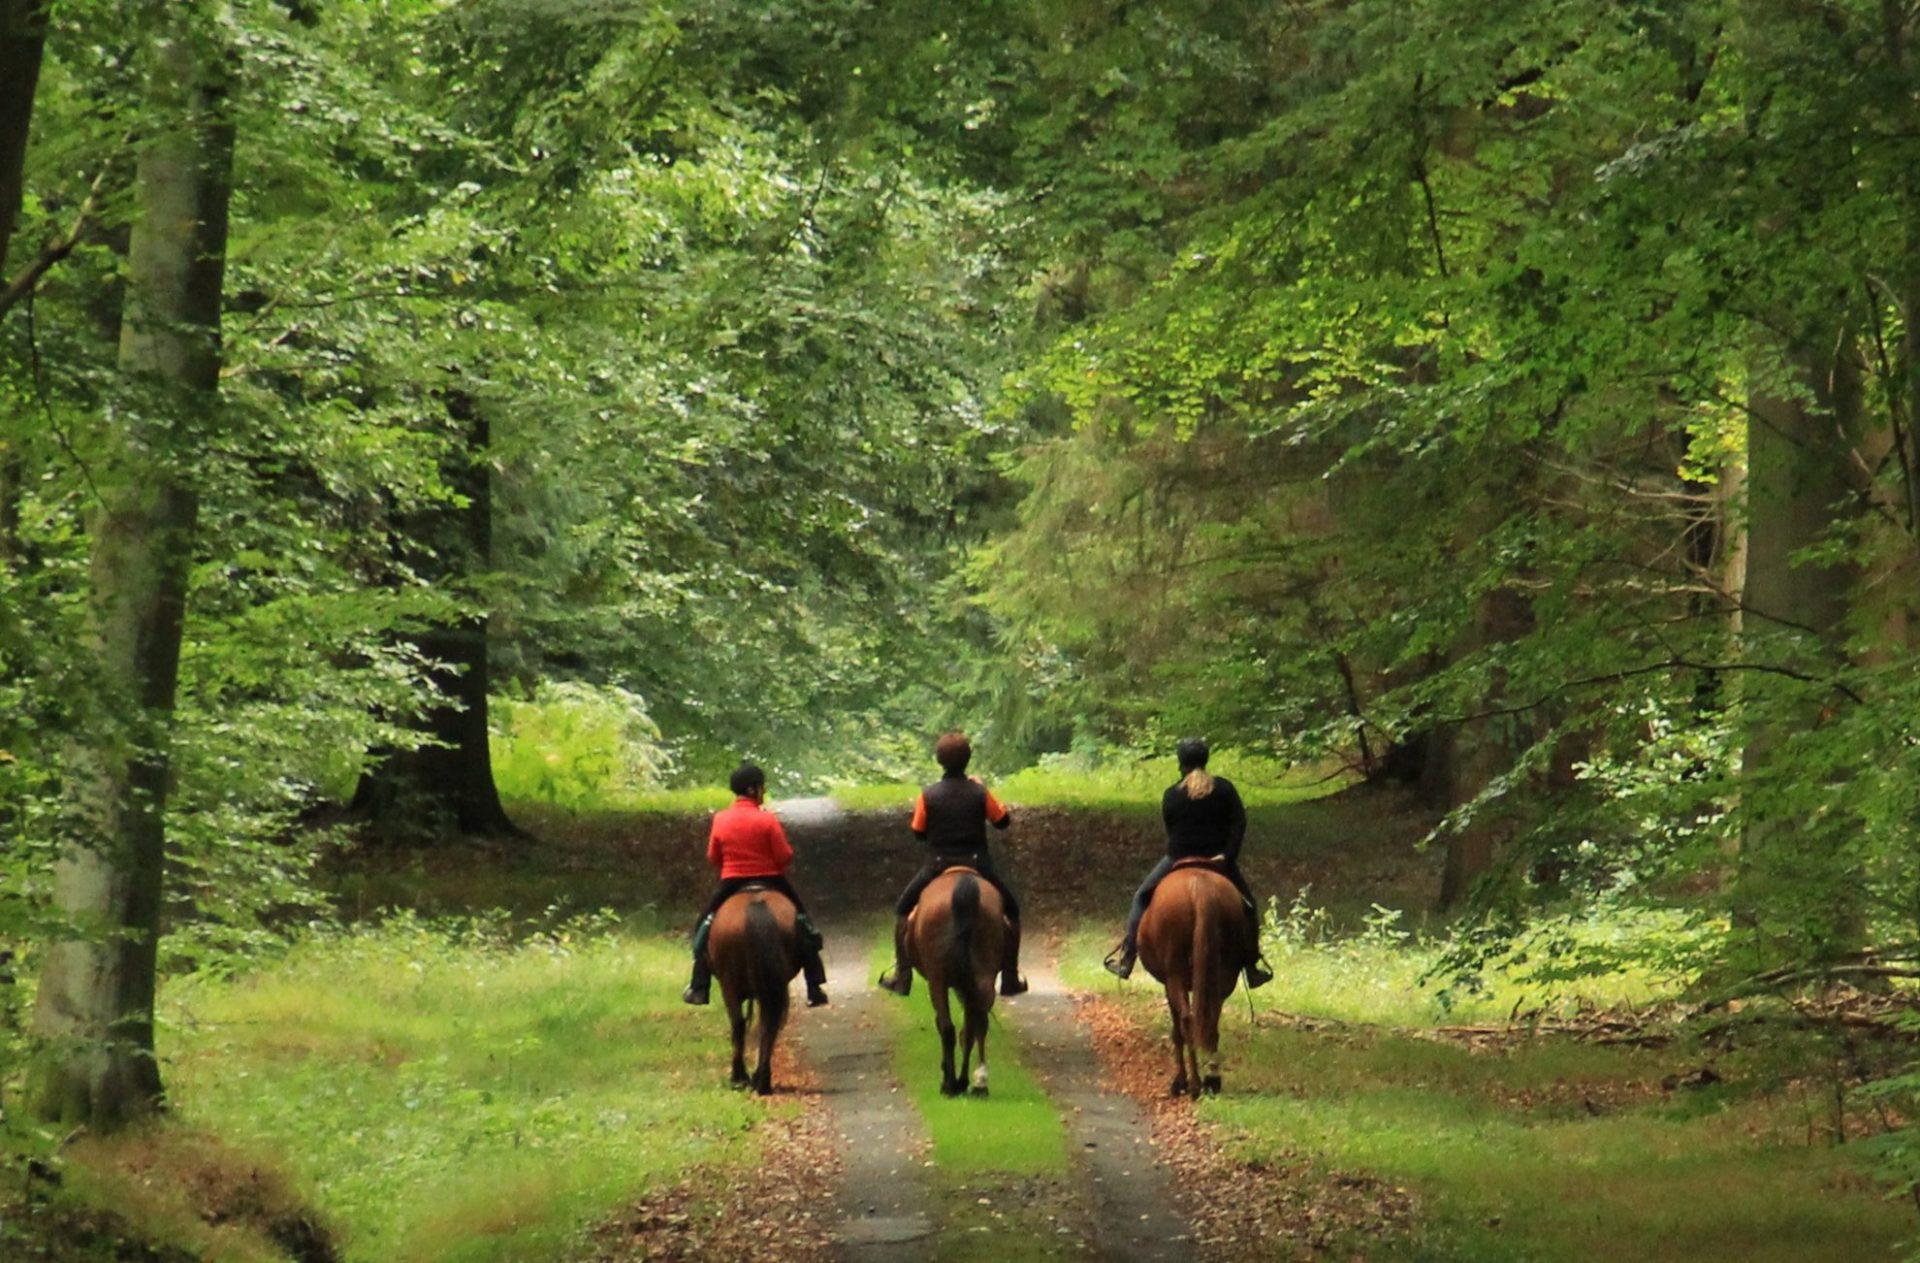 Hesteturisme rummer et stort potentiale, mener en række danske hesteentusiaster. (Foto: Ferierytter)